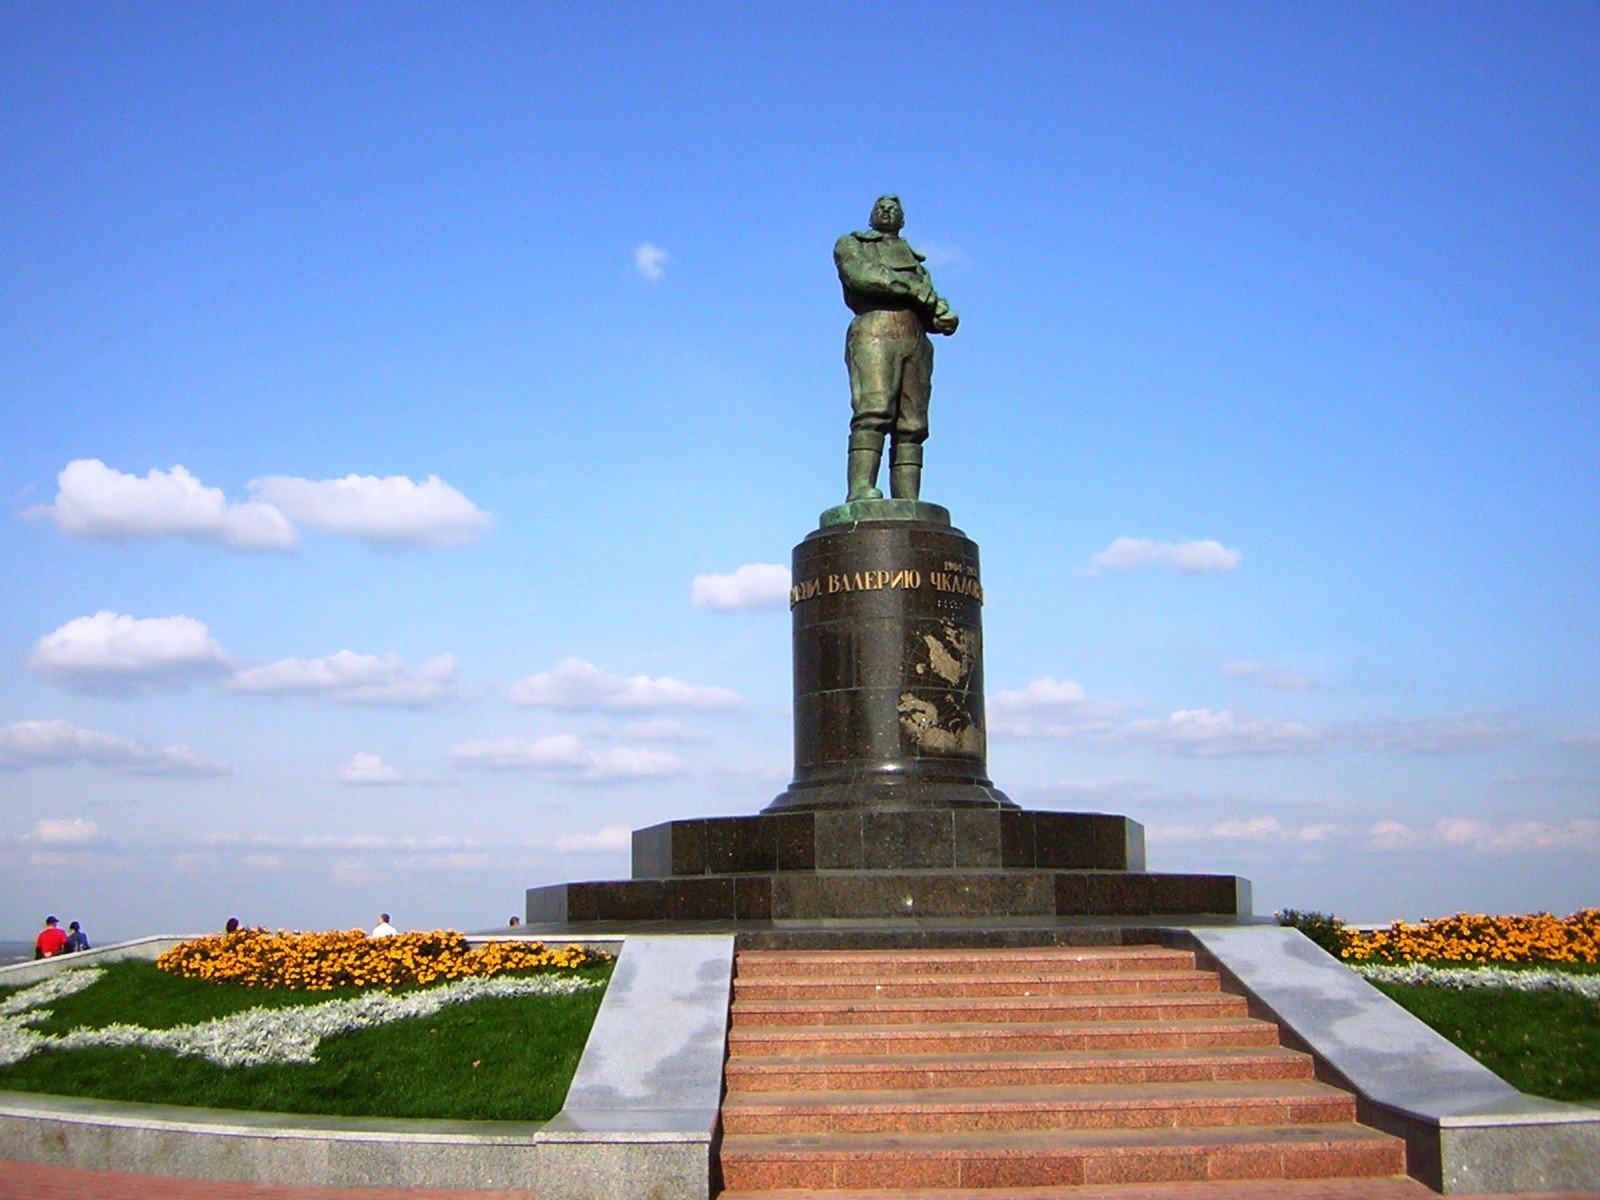 Экскурсии по Нижнему Новгороду: что посмотреть за один день